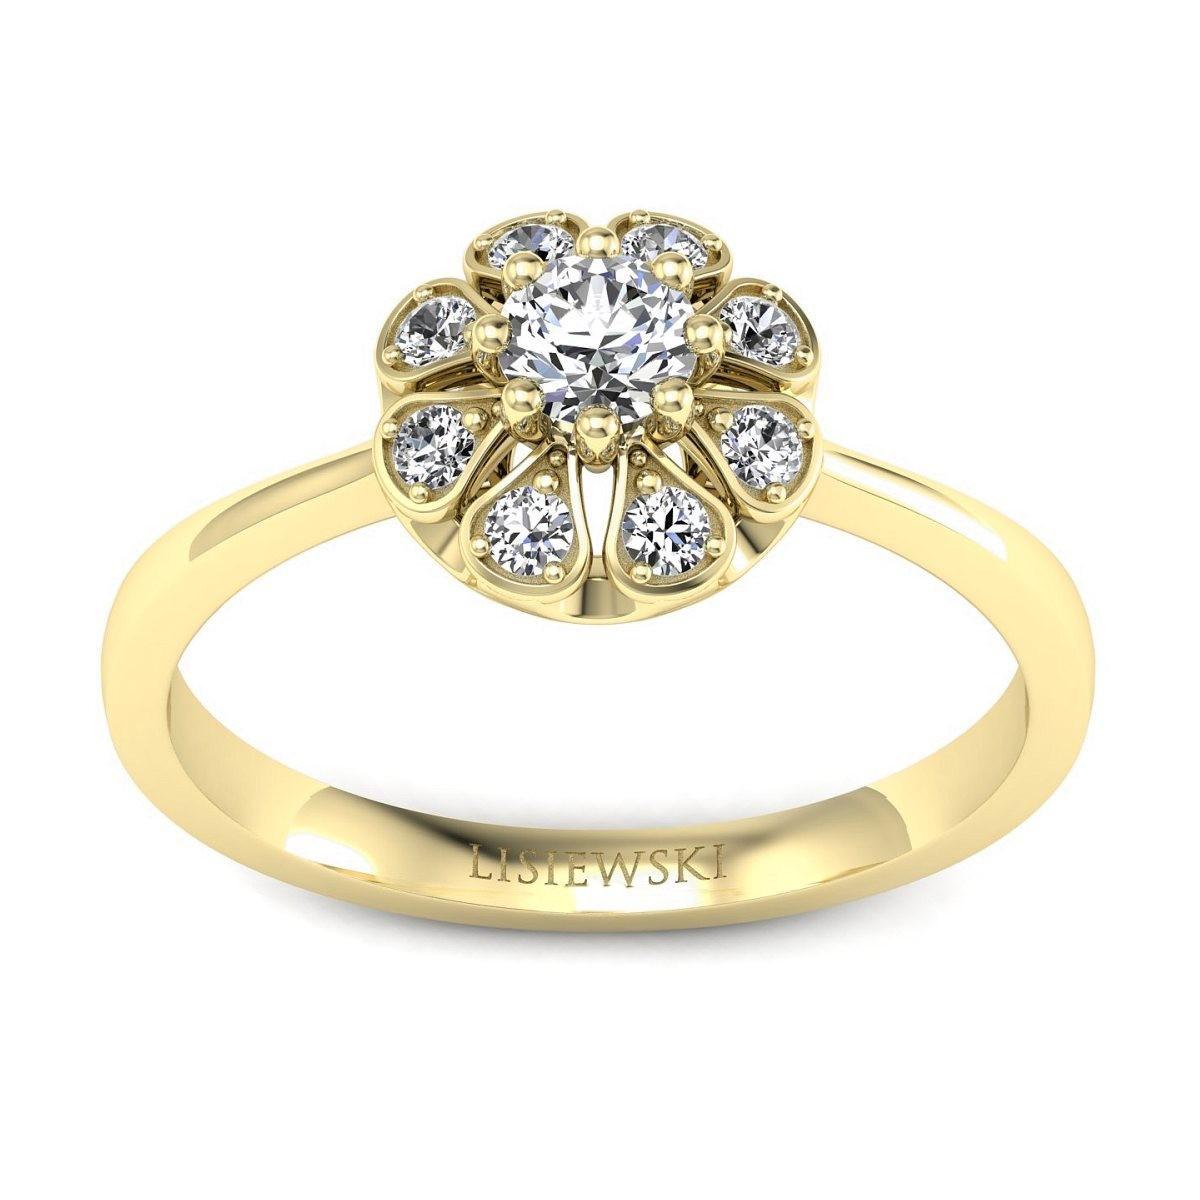 Scarlett - Pierścionek z diamentami złoty